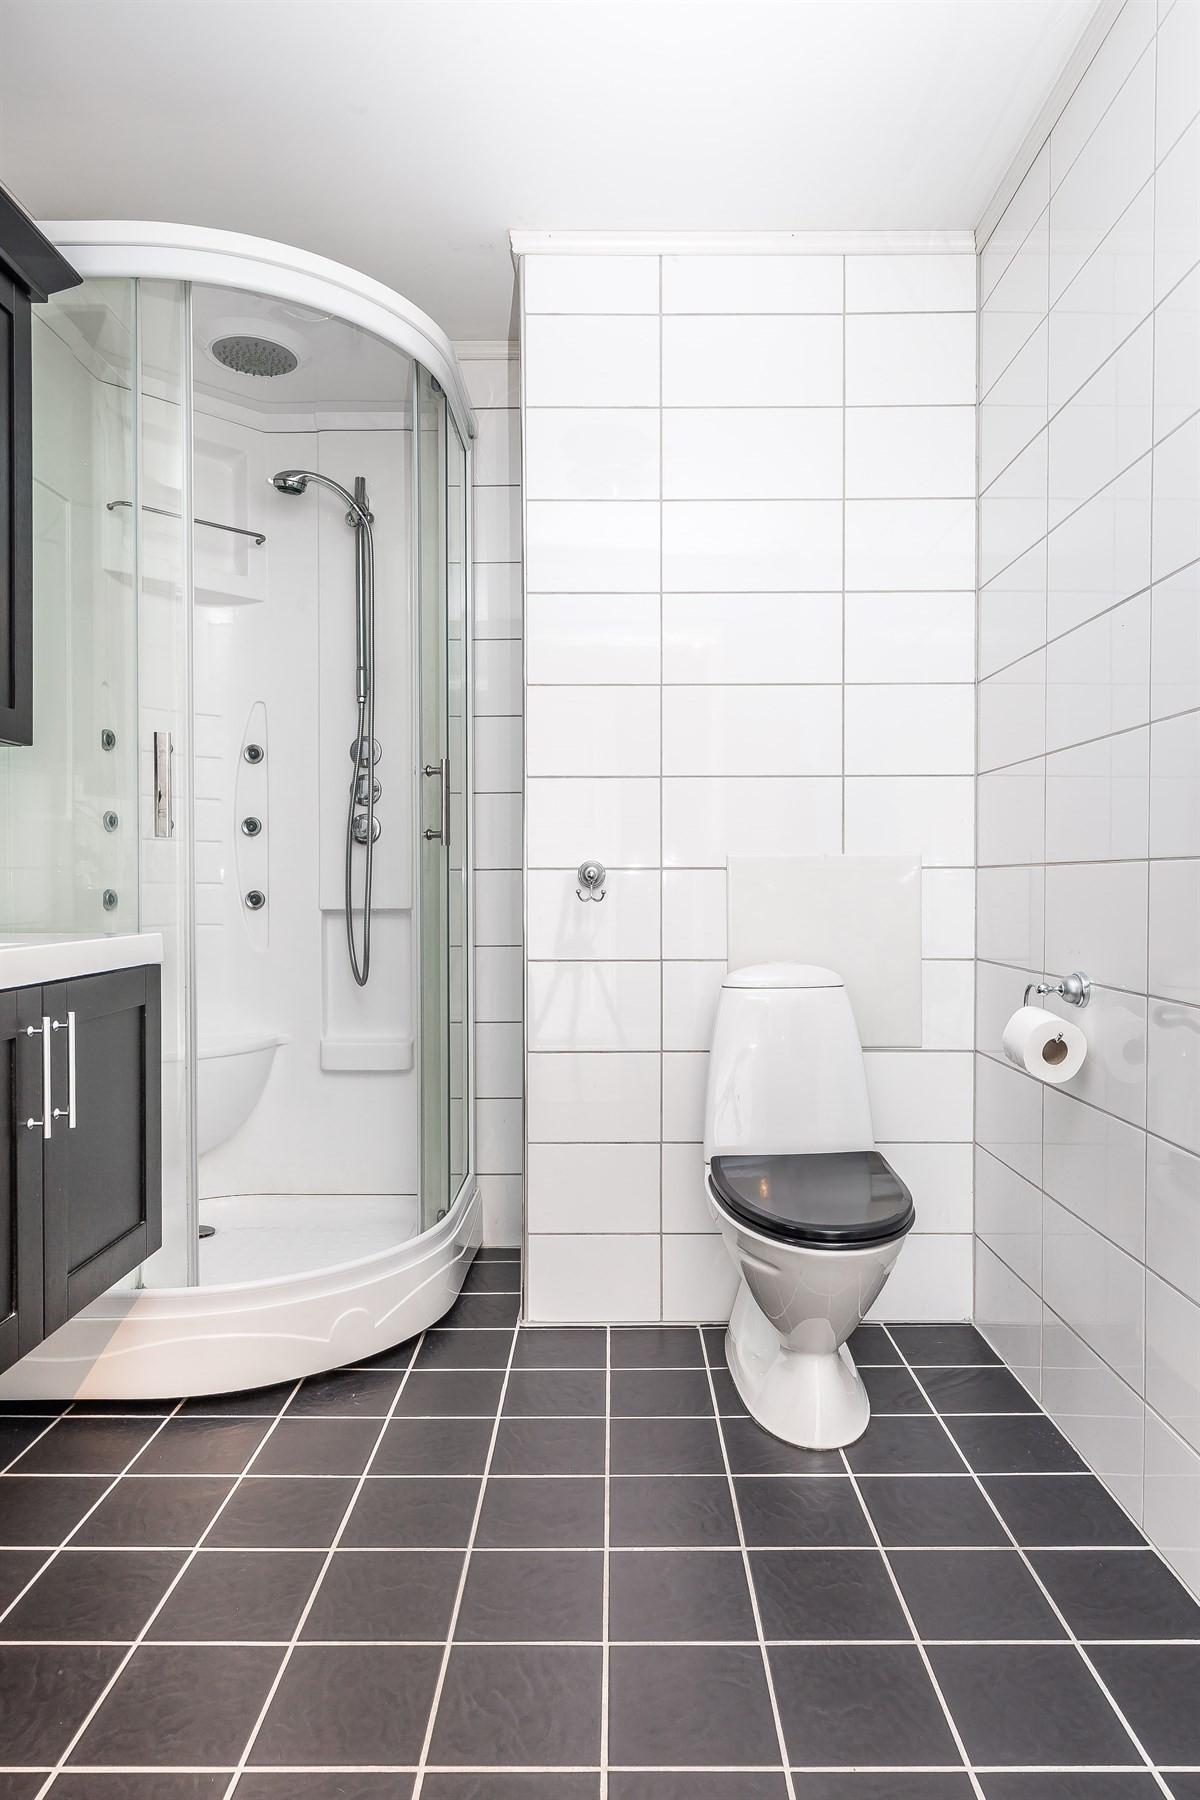 Badet inneholder wc, dusjkabinett og servant med speil